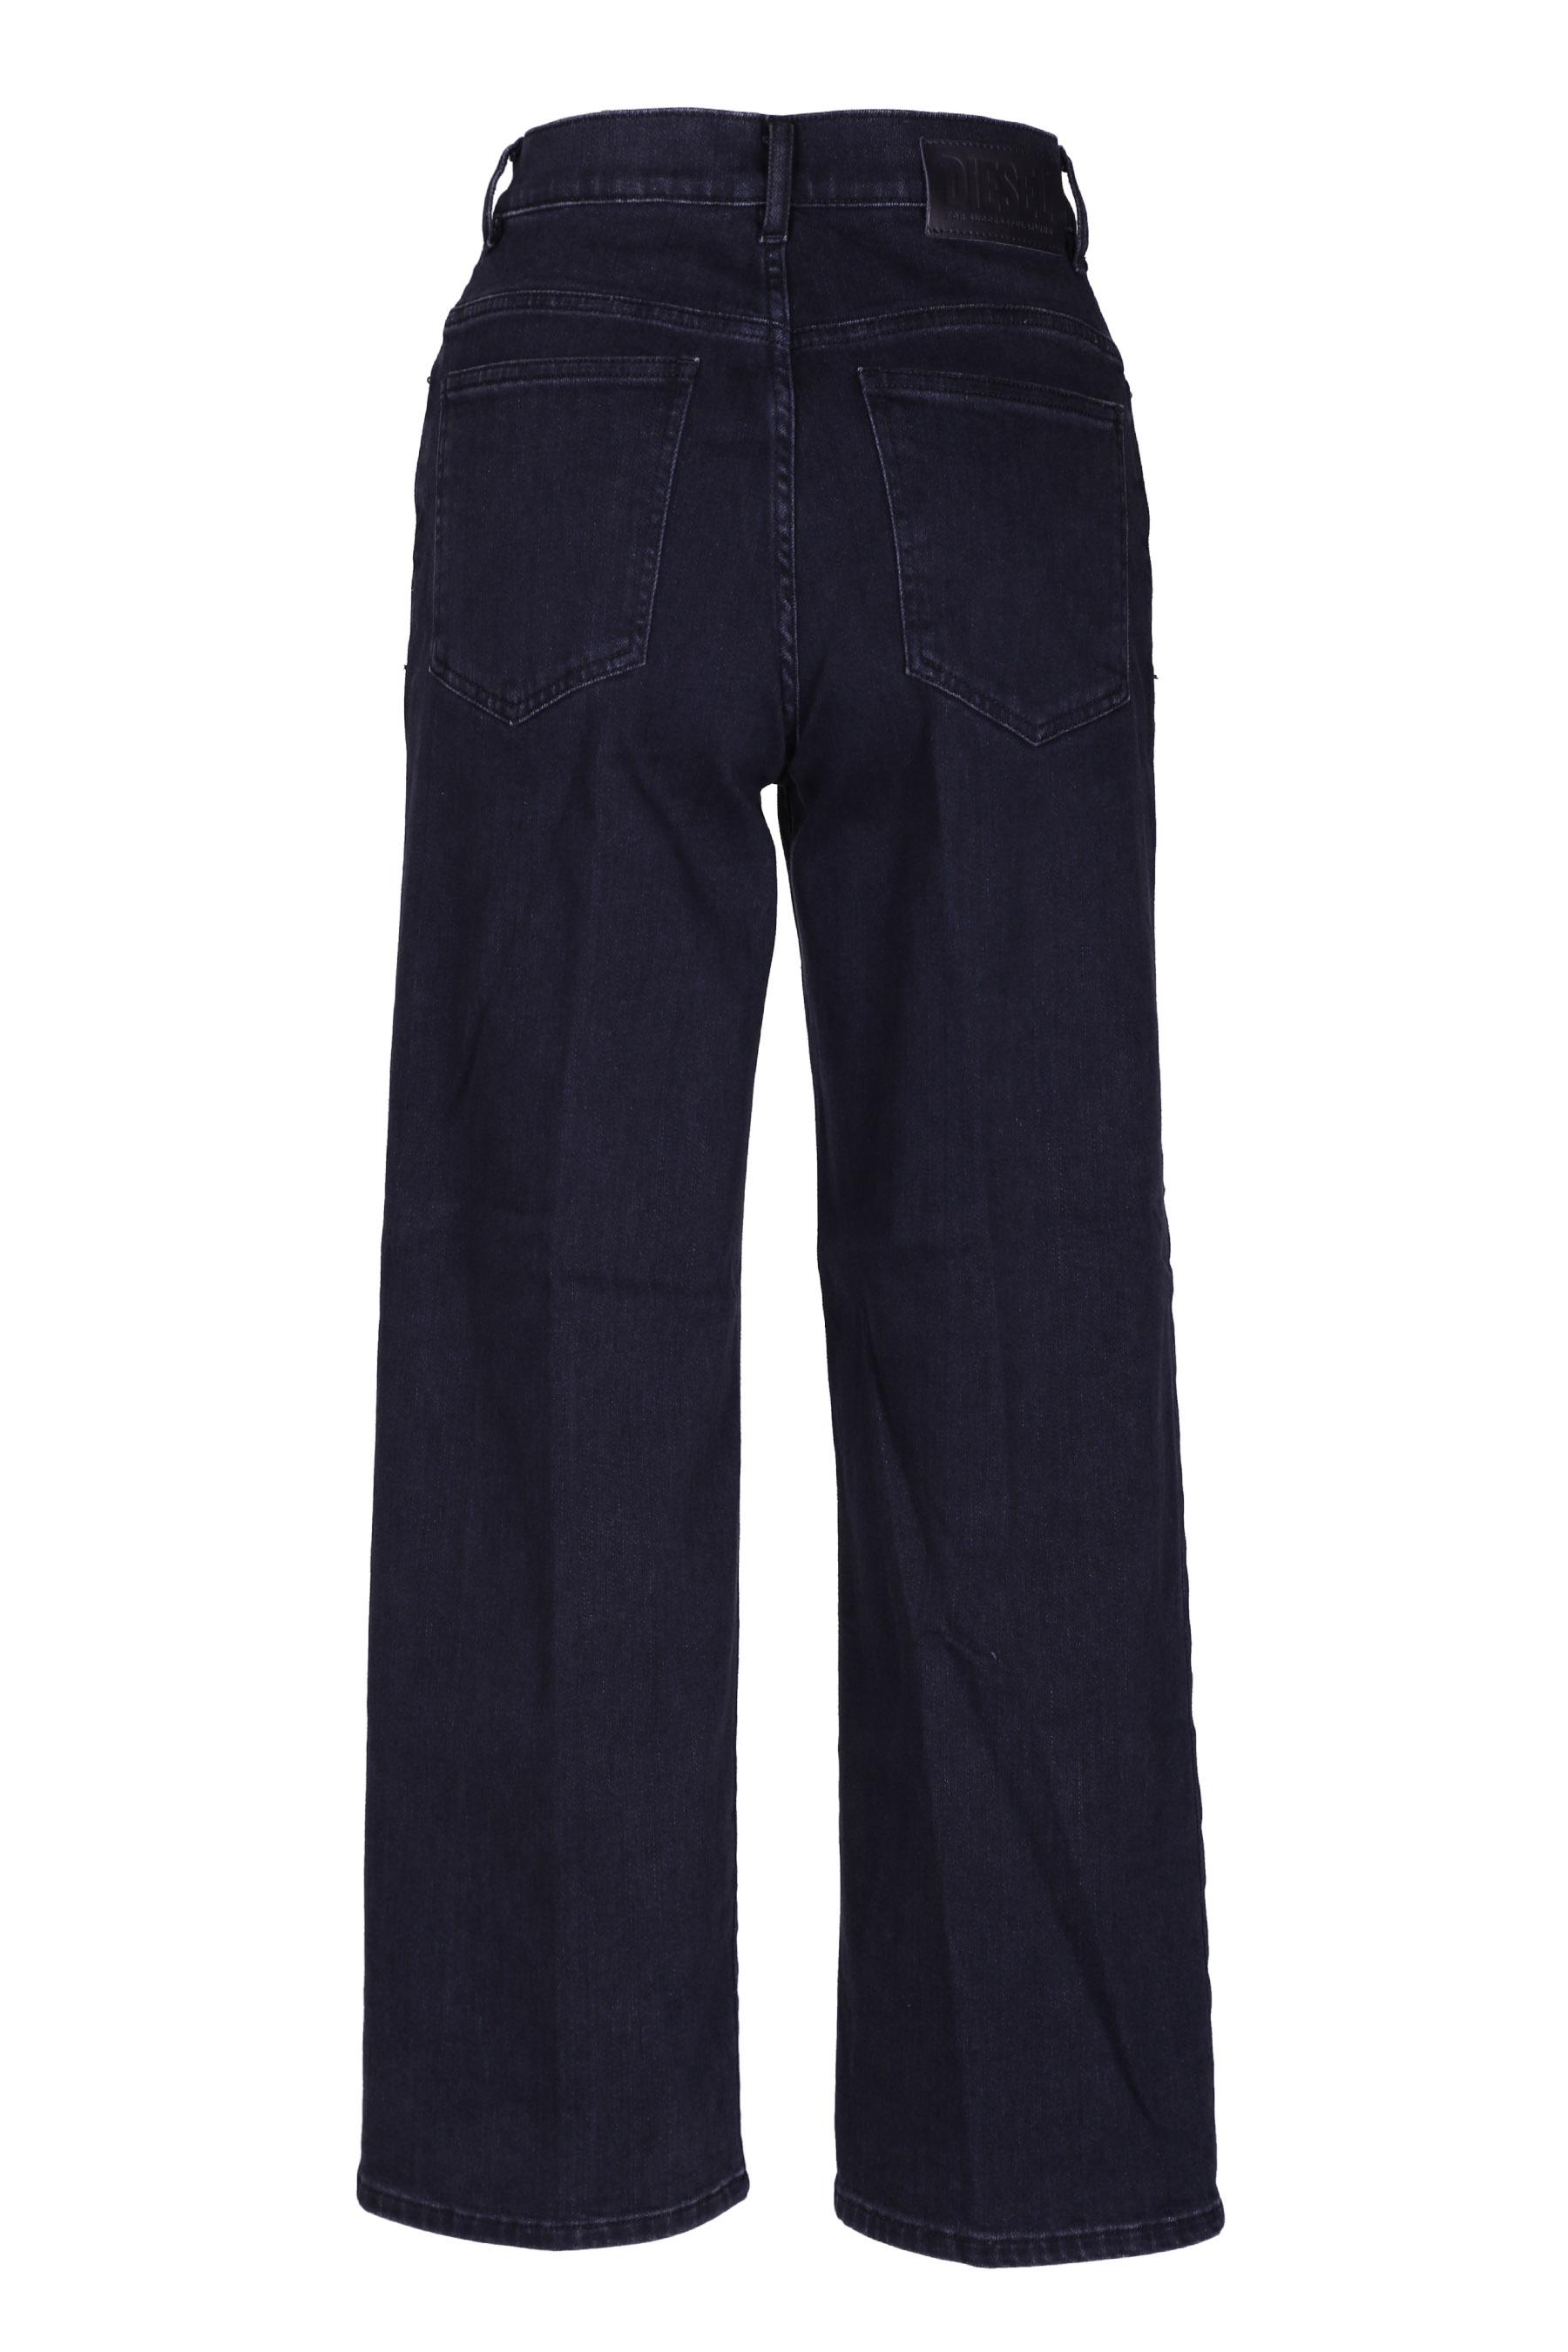 Jeans vita alta widee L30 DIESEL | Jeans | 00S57B084NK02